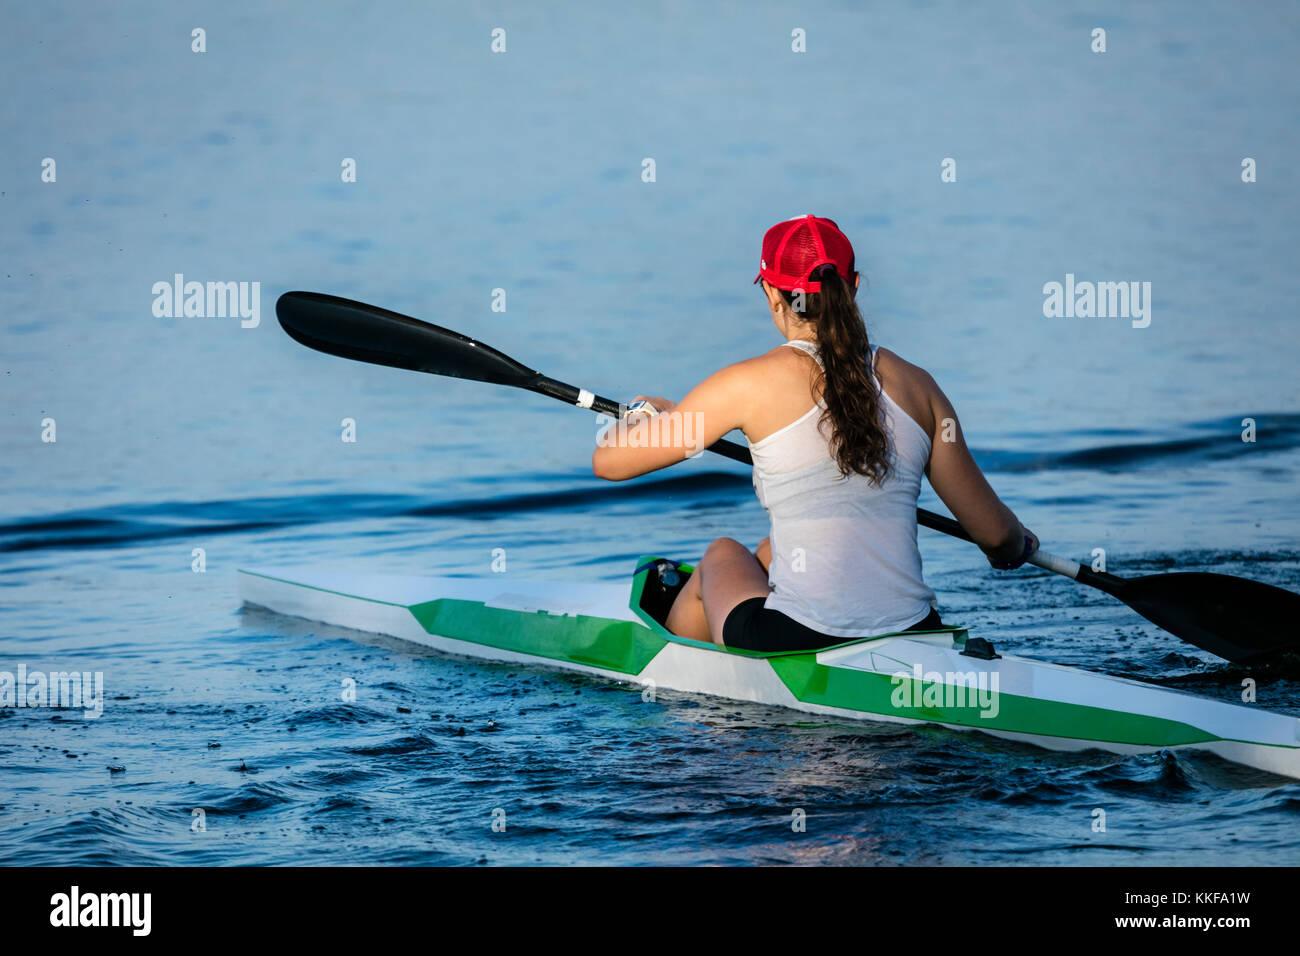 Ein Blick auf eine junge Frau ein Kajak paddeln von hinten. Stockbild